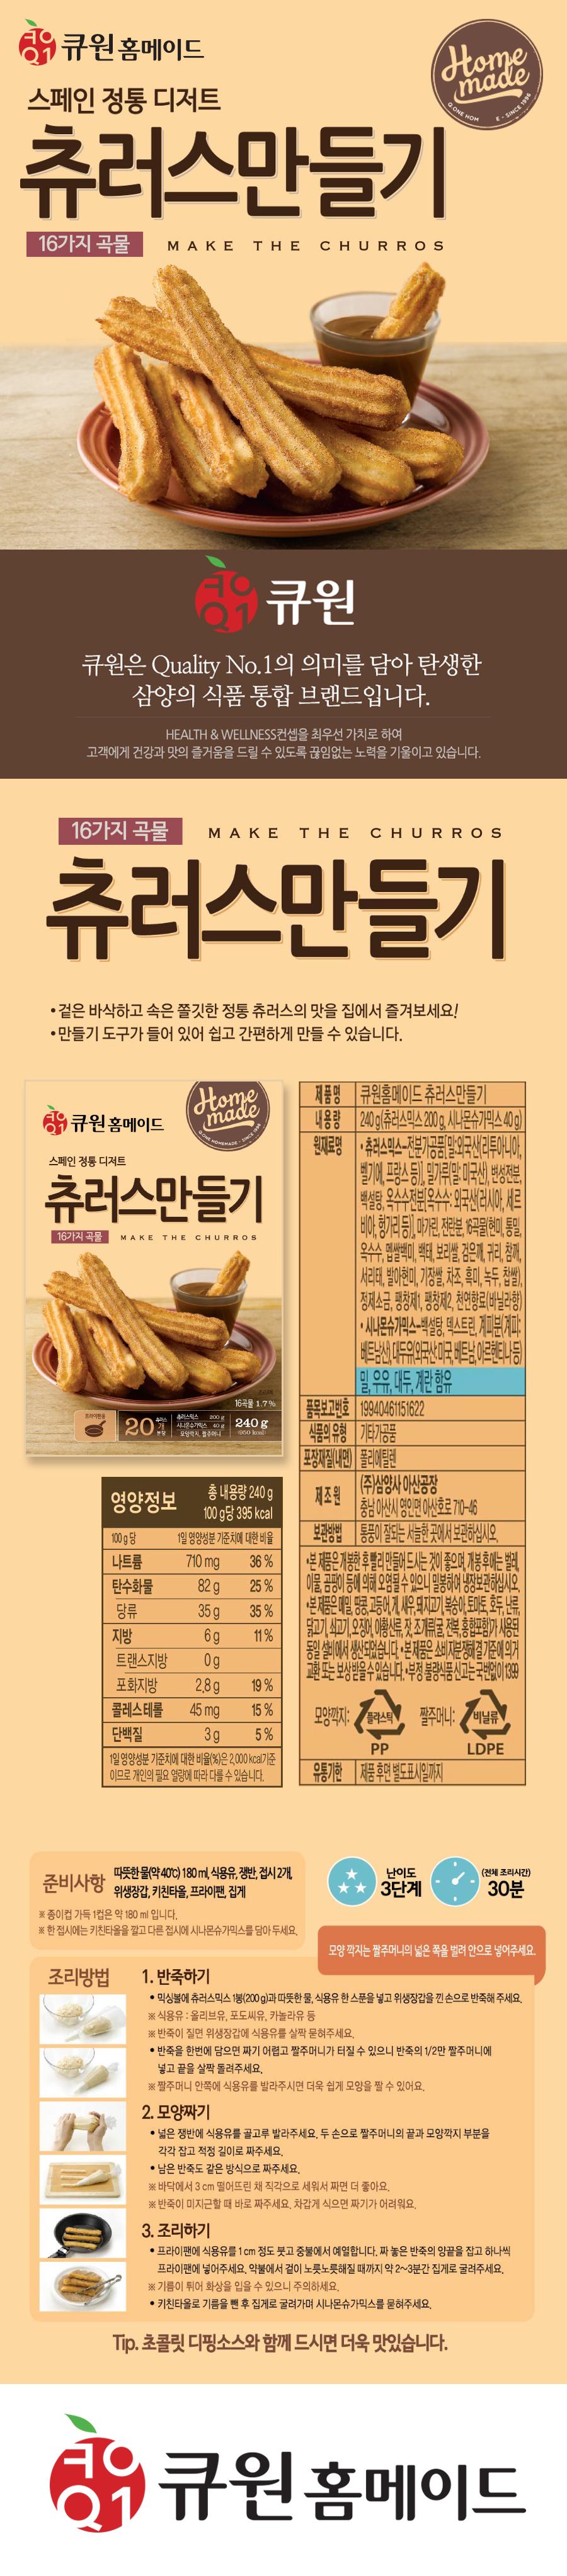 (한박스/10개입) 큐원 츄러스만들기믹스 (프라이팬용) - 레드비, 55,000원, DIY재료, 믹스